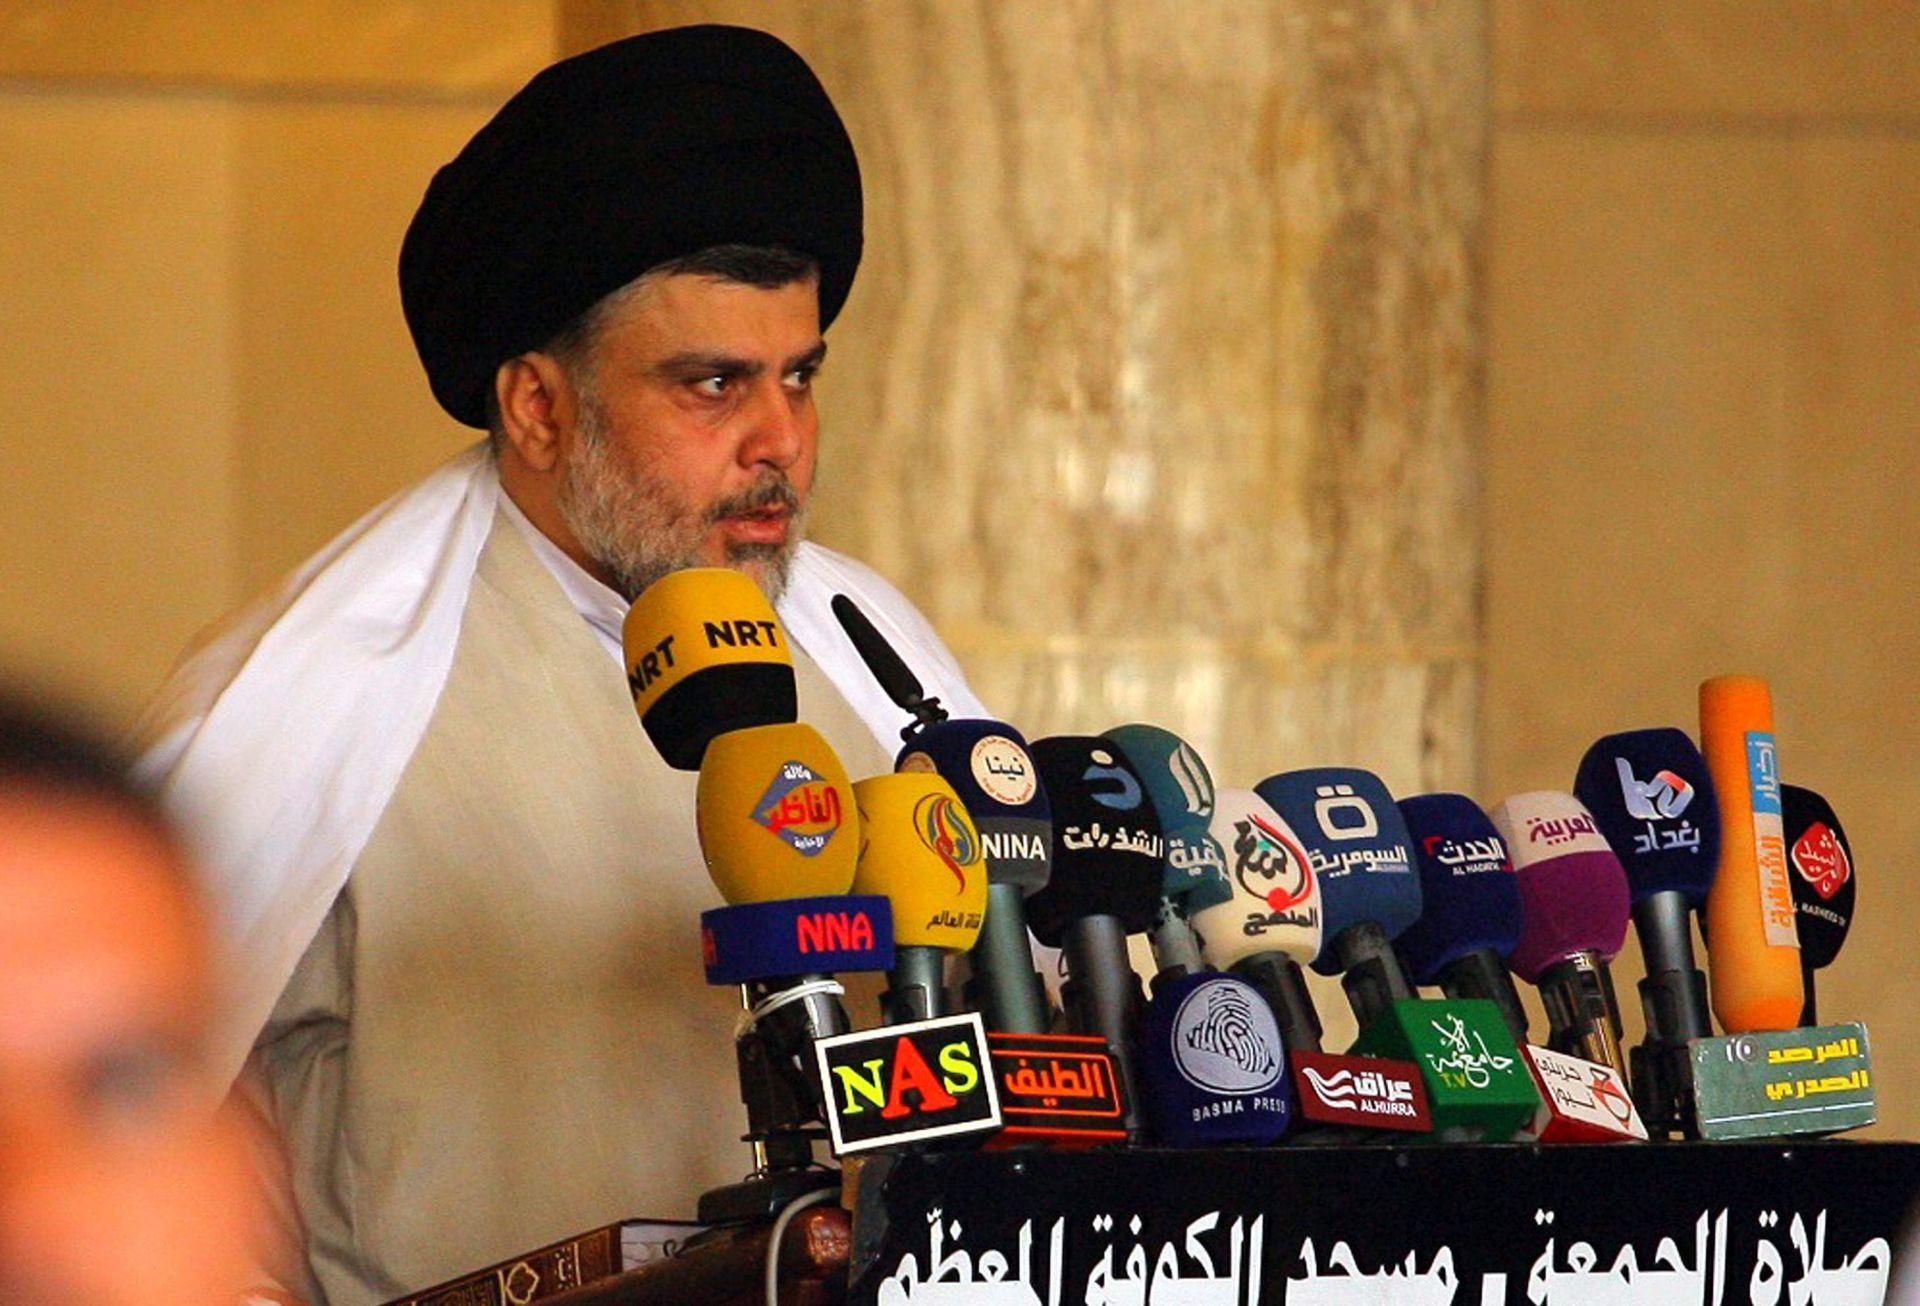 Šijitski klerik Moktada al-Sadr: Amerikanci bi trebali napustiti Irak